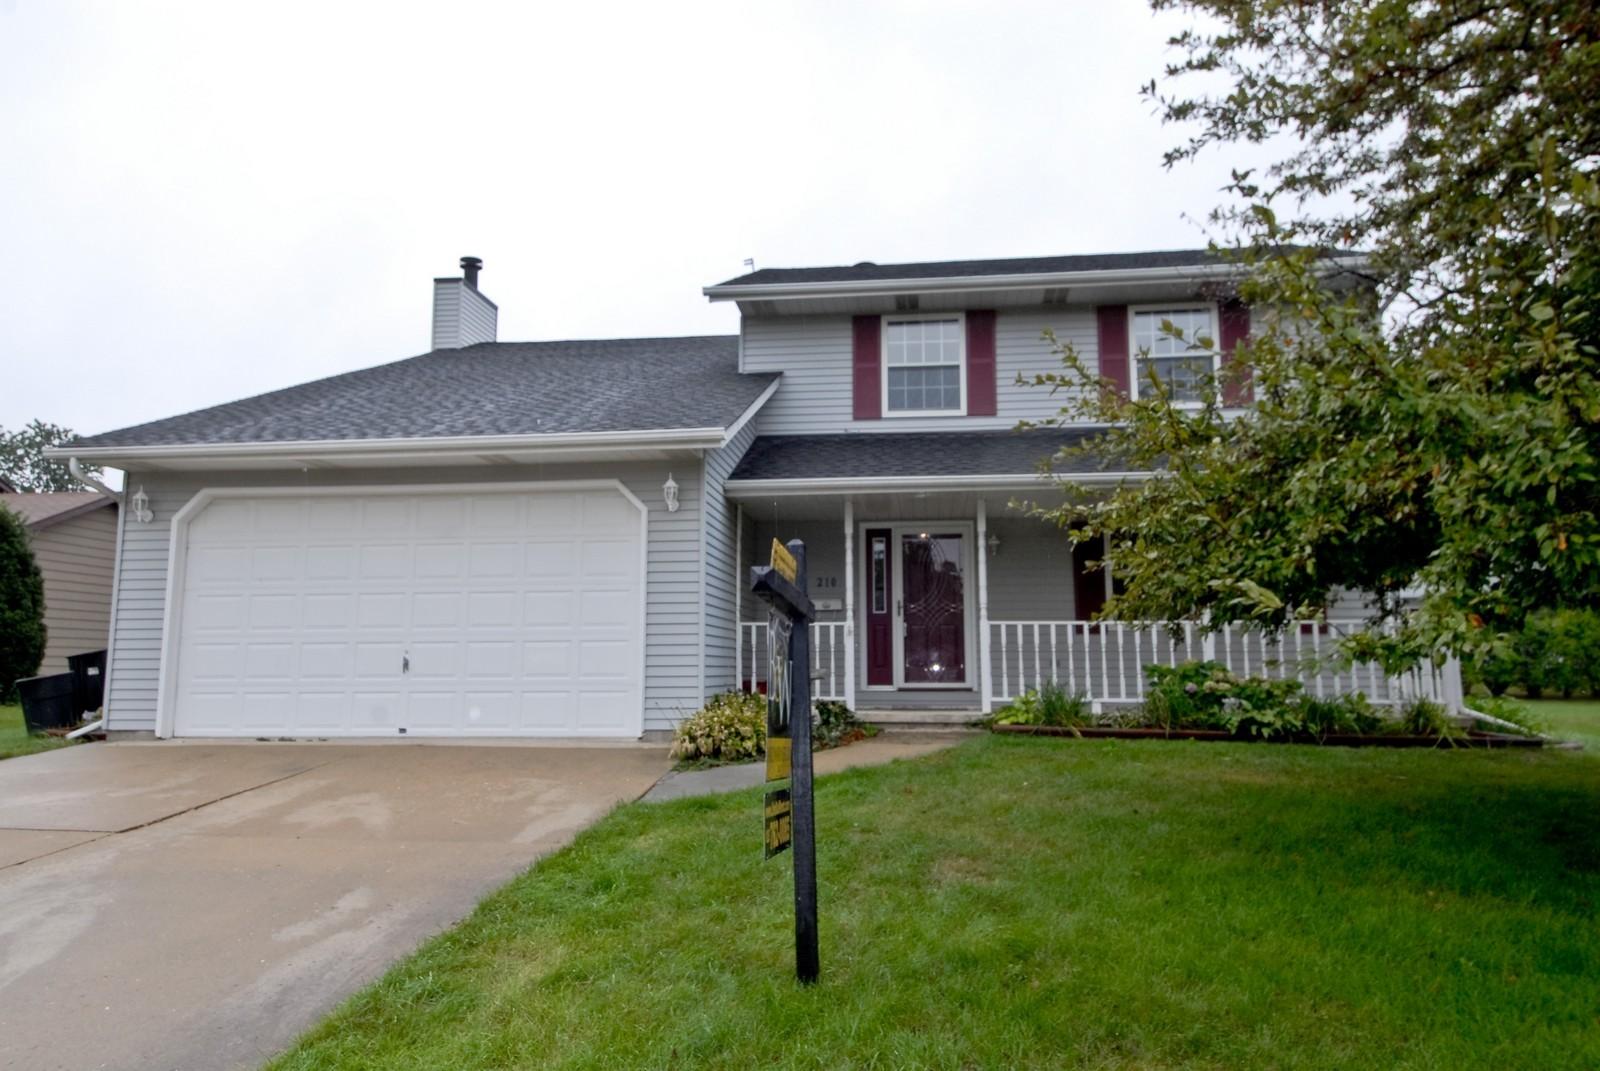 Real Estate Photography - 210 Pardridge Pl, Dekalb, IL, 60115 - Front View